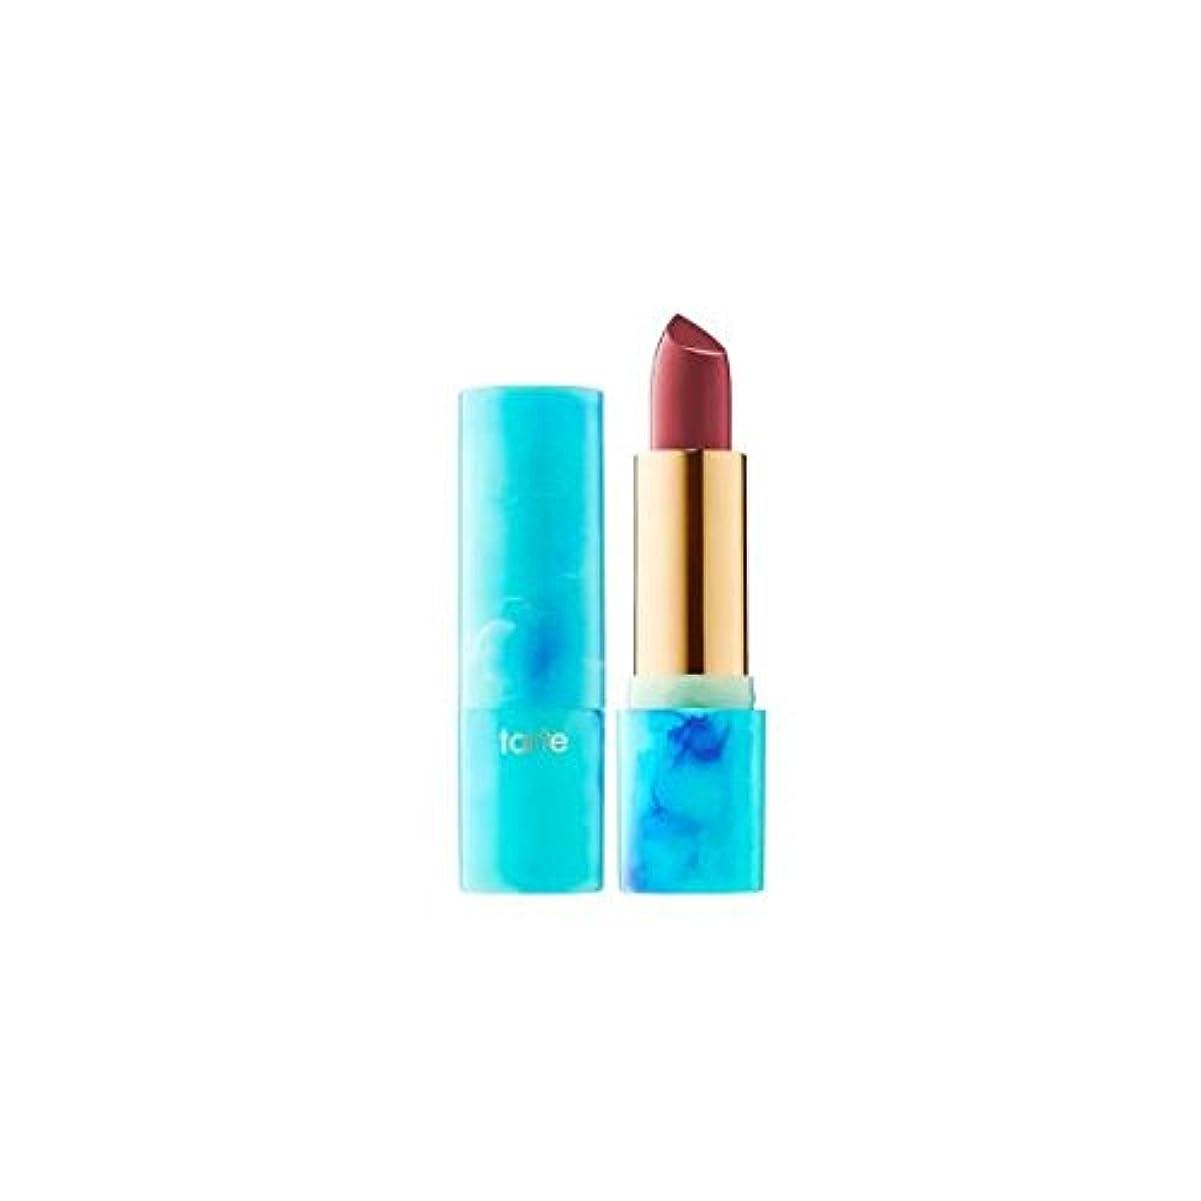 砂利マニフェスト幸運tarteタルト リップ Color Splash Lipstick - Rainforest of the Sea Collection Satin finish